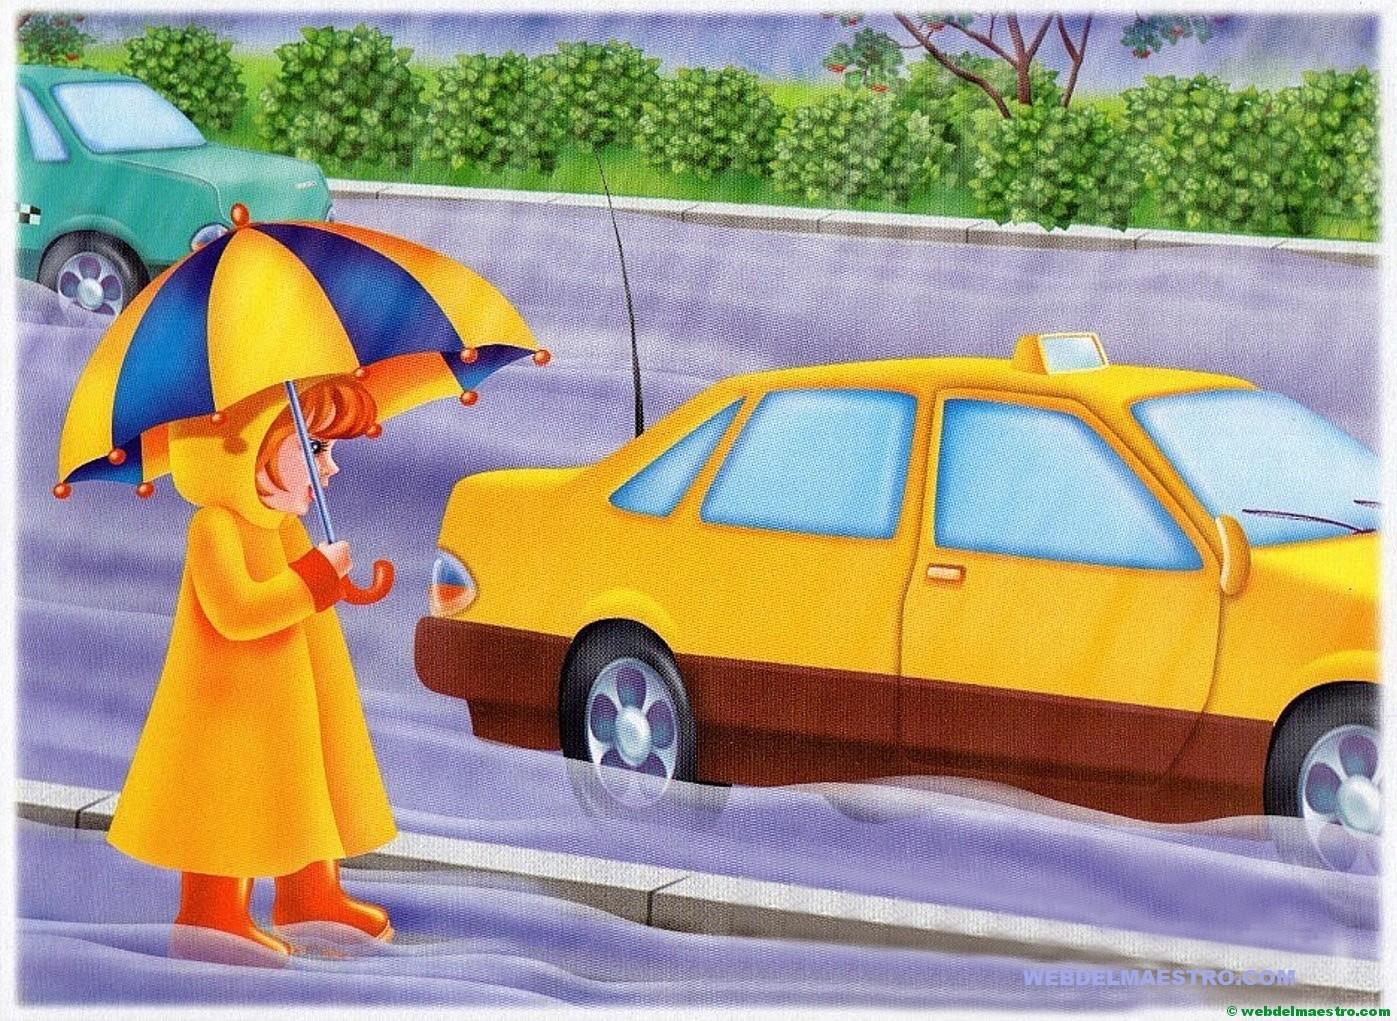 Caliente en el taxi - 1 part 9